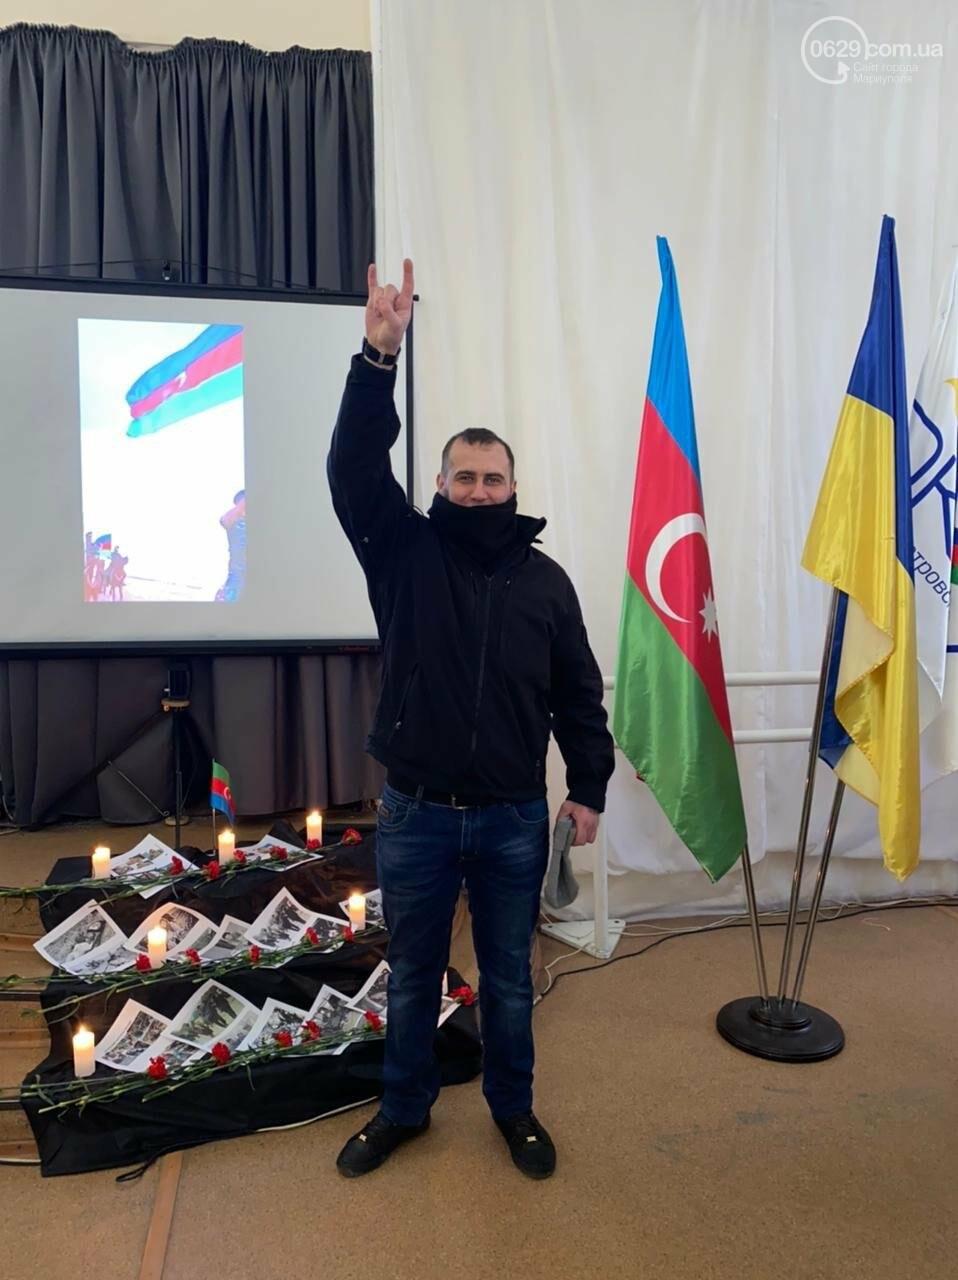 В Мариуполе азербайджанская община почтила память жертв Ходжалинской трагедии, - ФОТО, фото-11